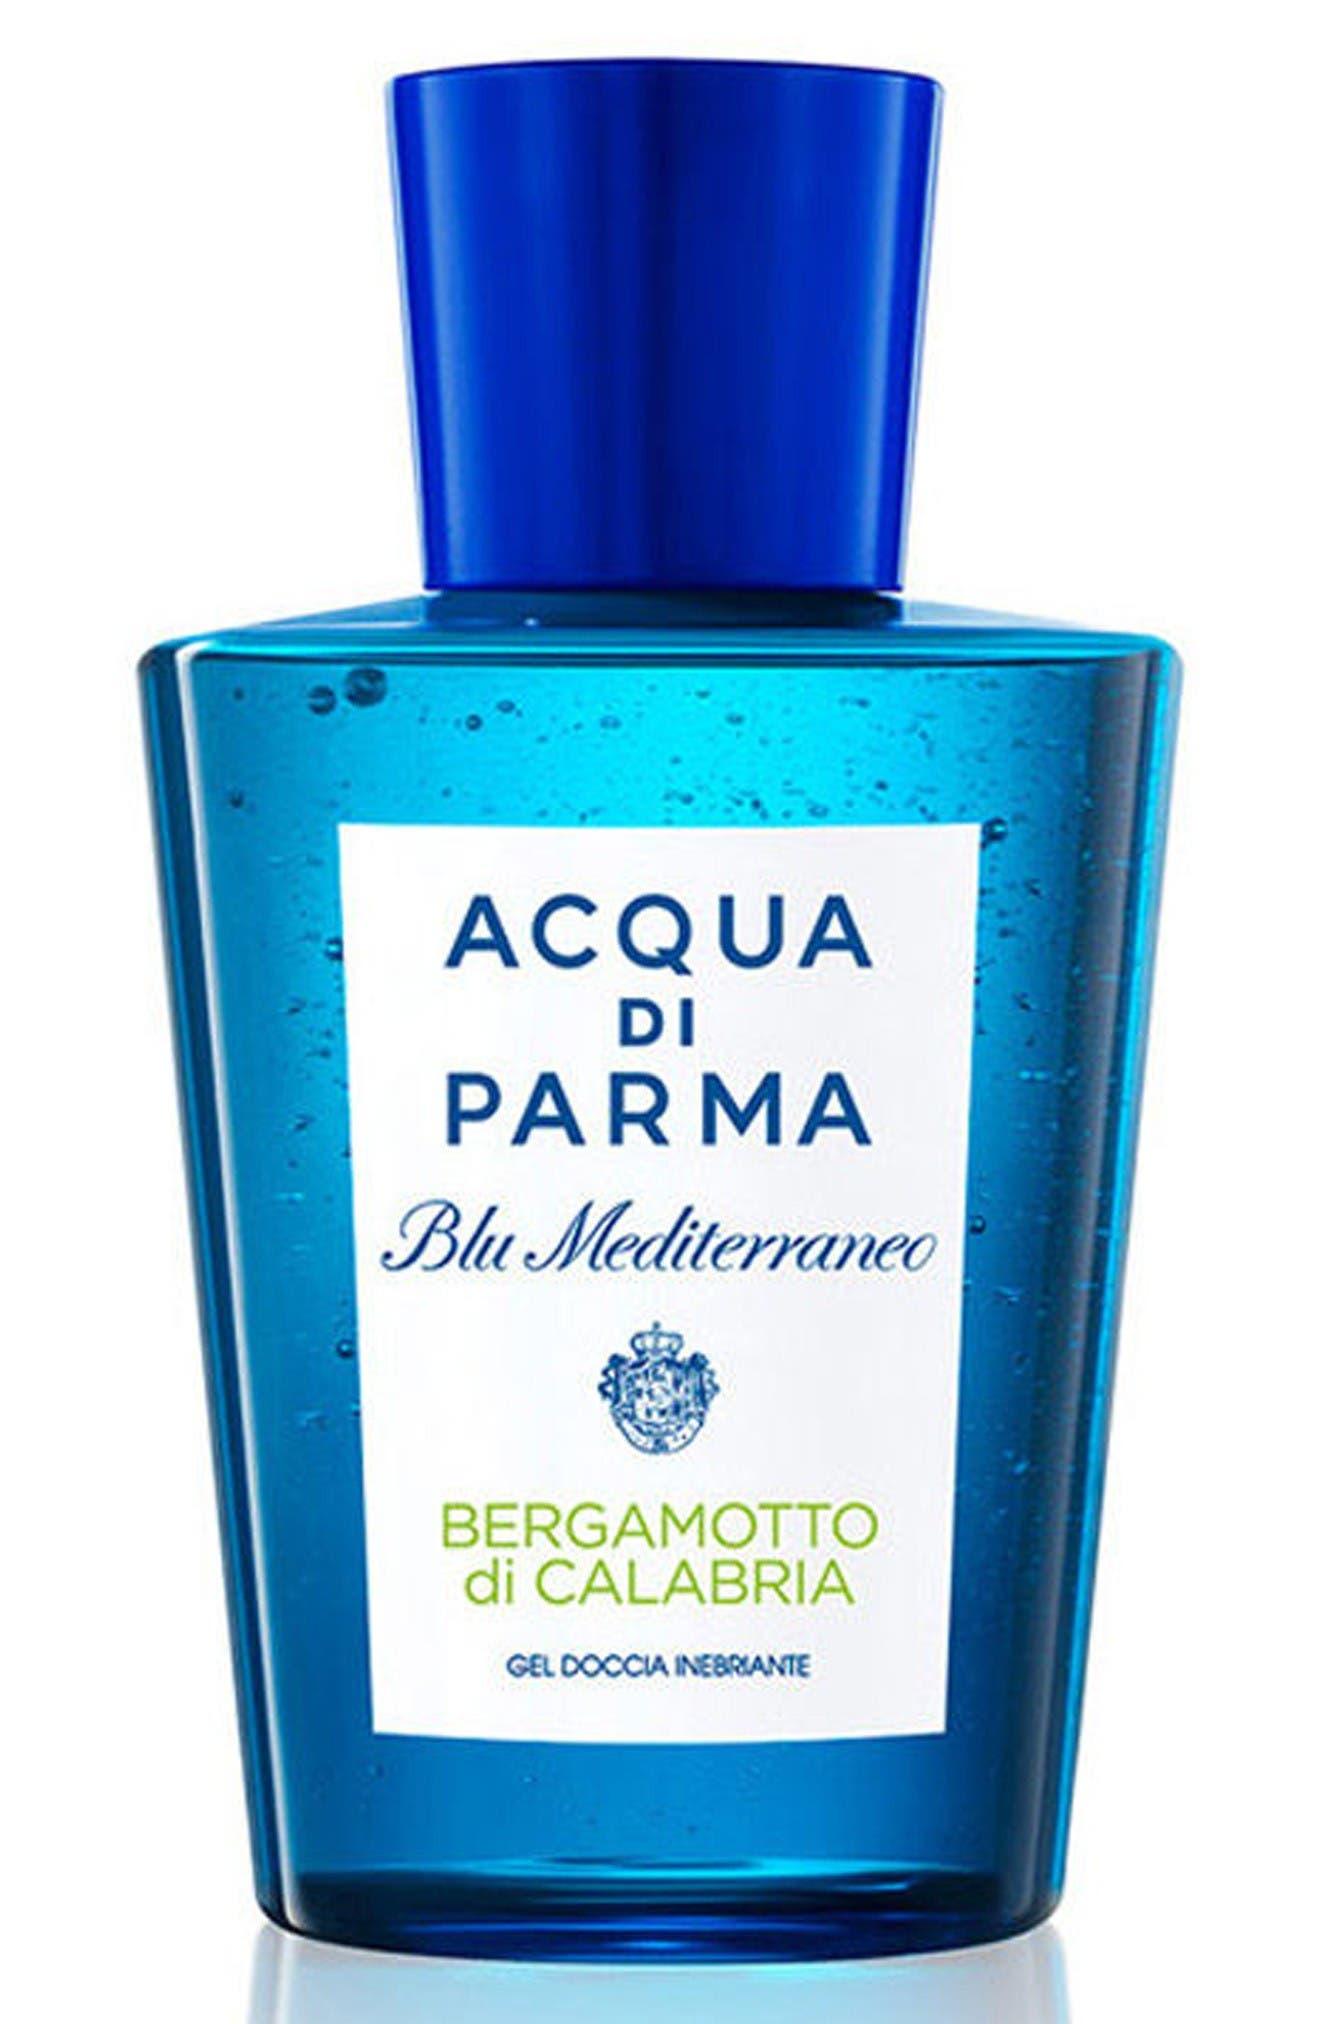 Acqua di Parma 'Blu Mediterraneo - Bergamotto di Calabria' Shower Gel